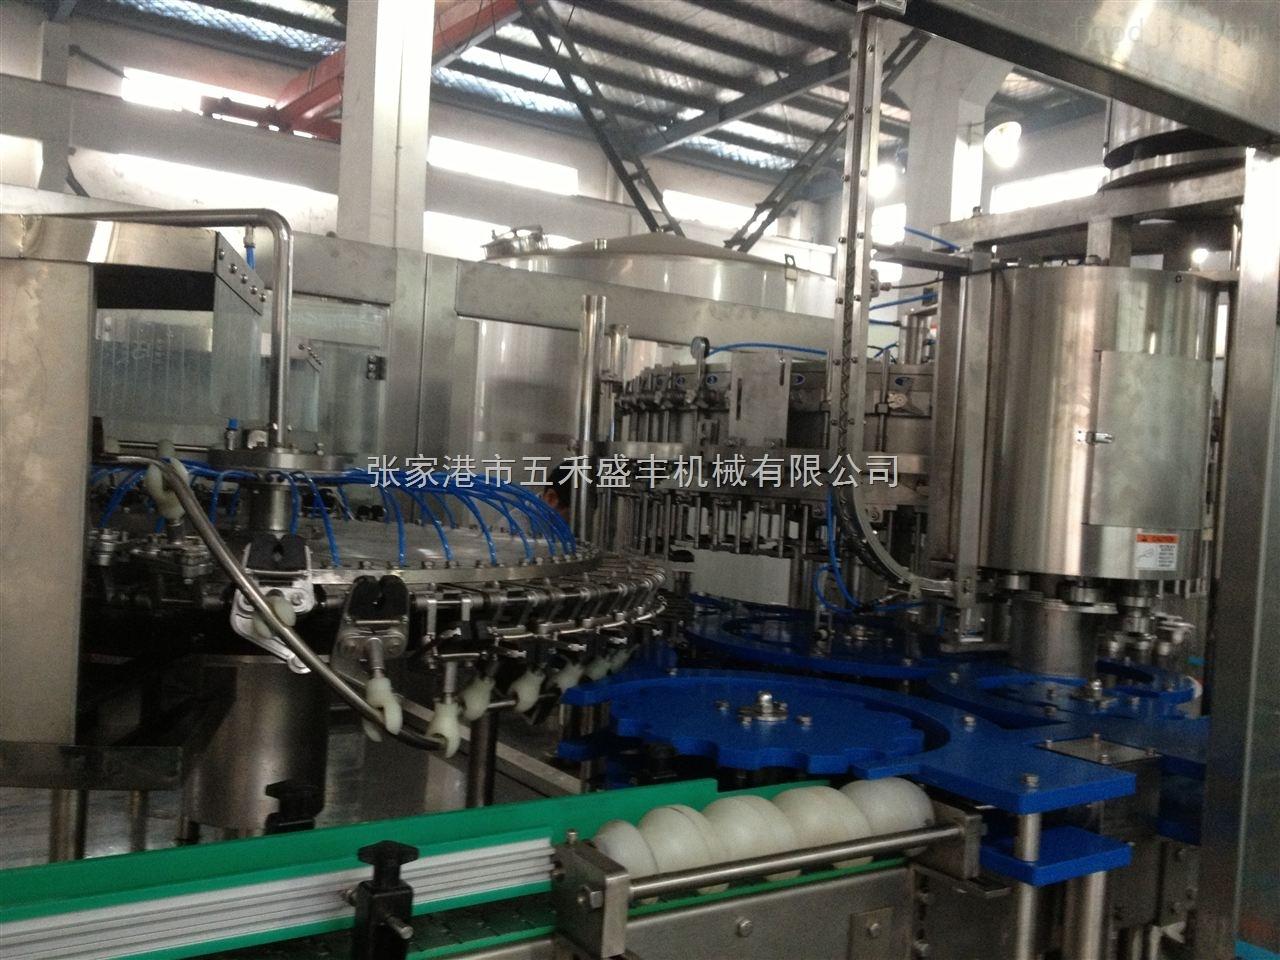 罐装啤酒生产线